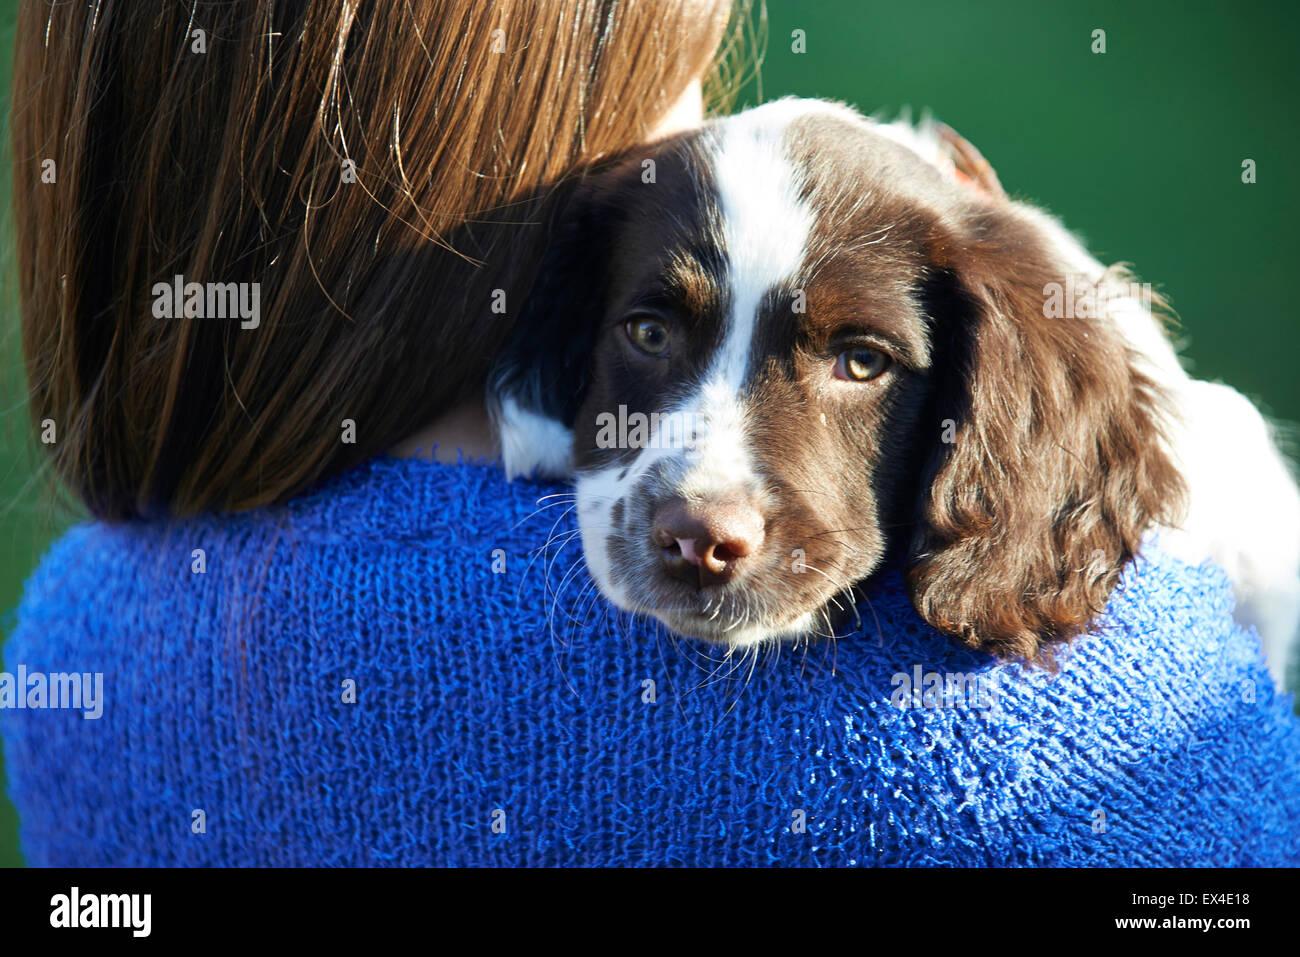 Ragazza con Pet Spaniel cucciolo all'aperto in giardino Immagini Stock